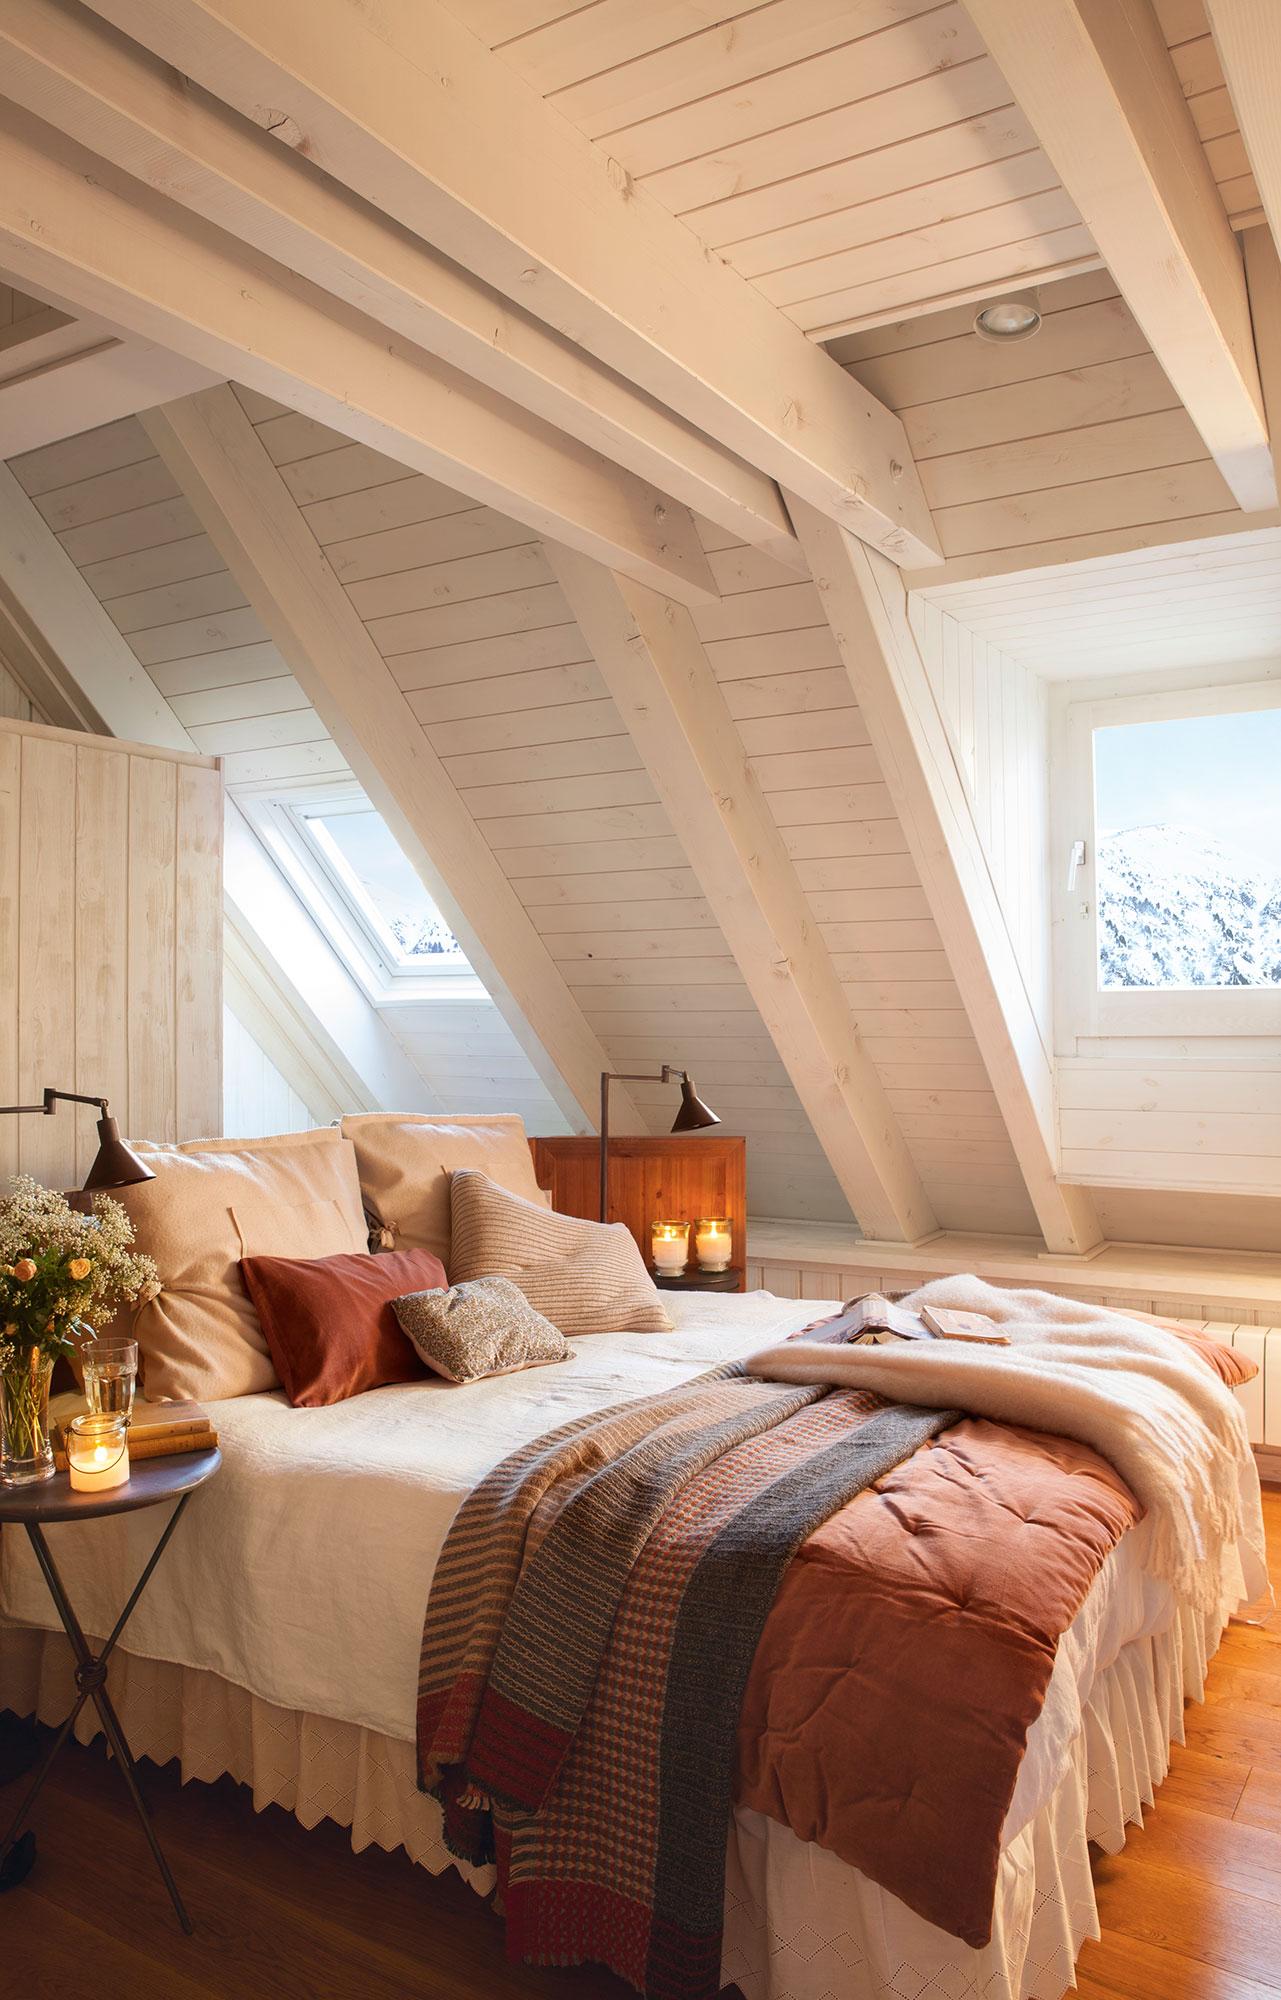 15 dormitorios r sticos decorativos y con buenas ideas - Dormitorios en blanco y madera ...